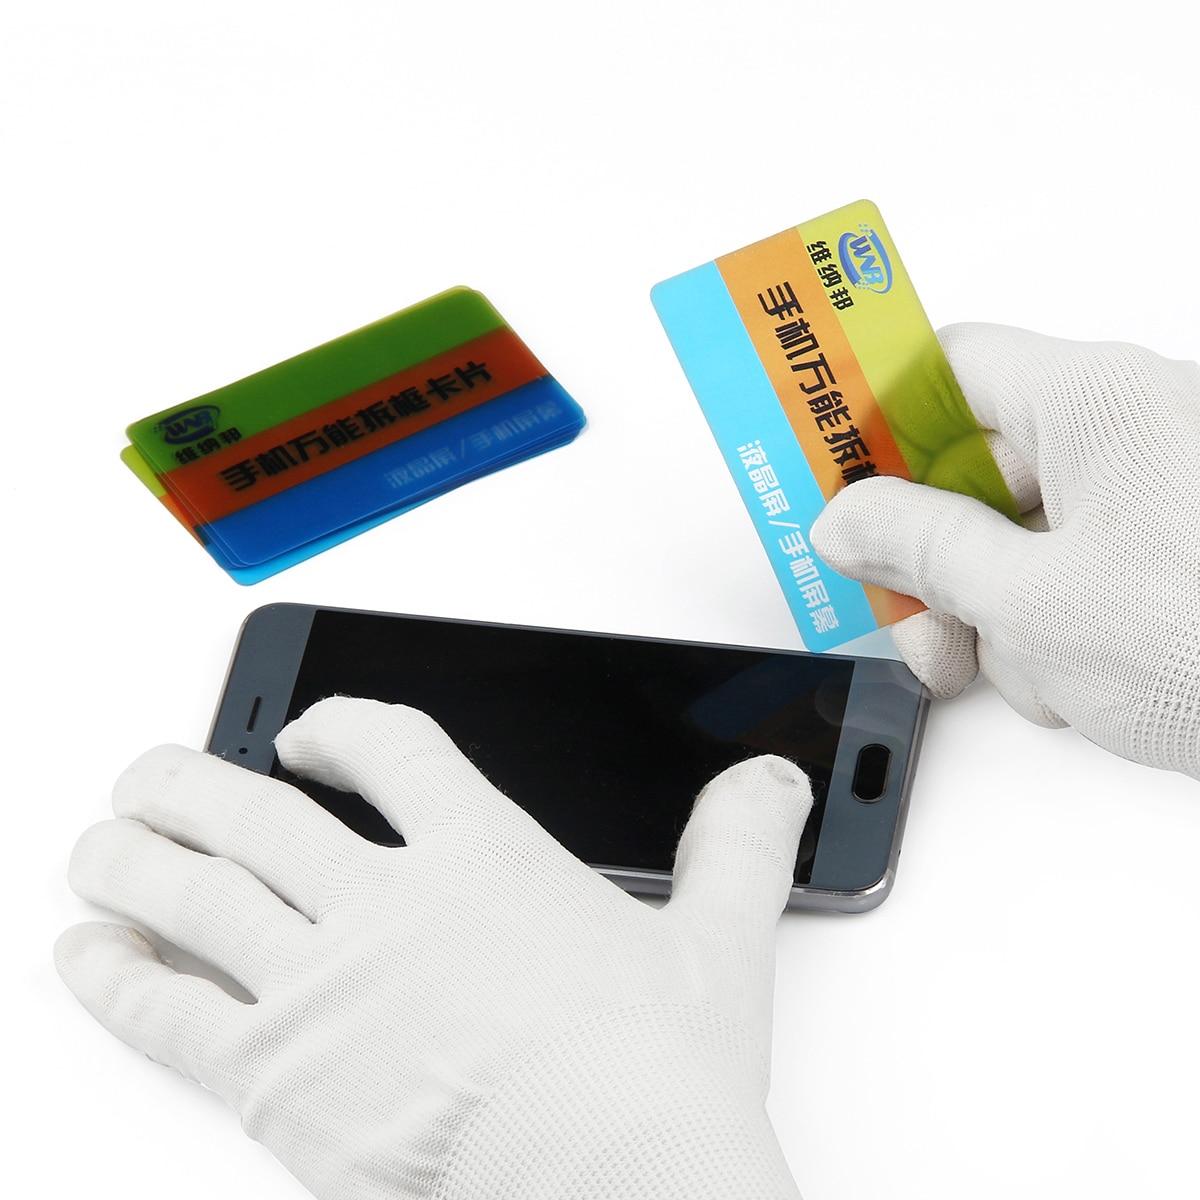 Tarjeta de apertura de plástico, pantalla LCD, batería, desmontaje, raspador de palanca...